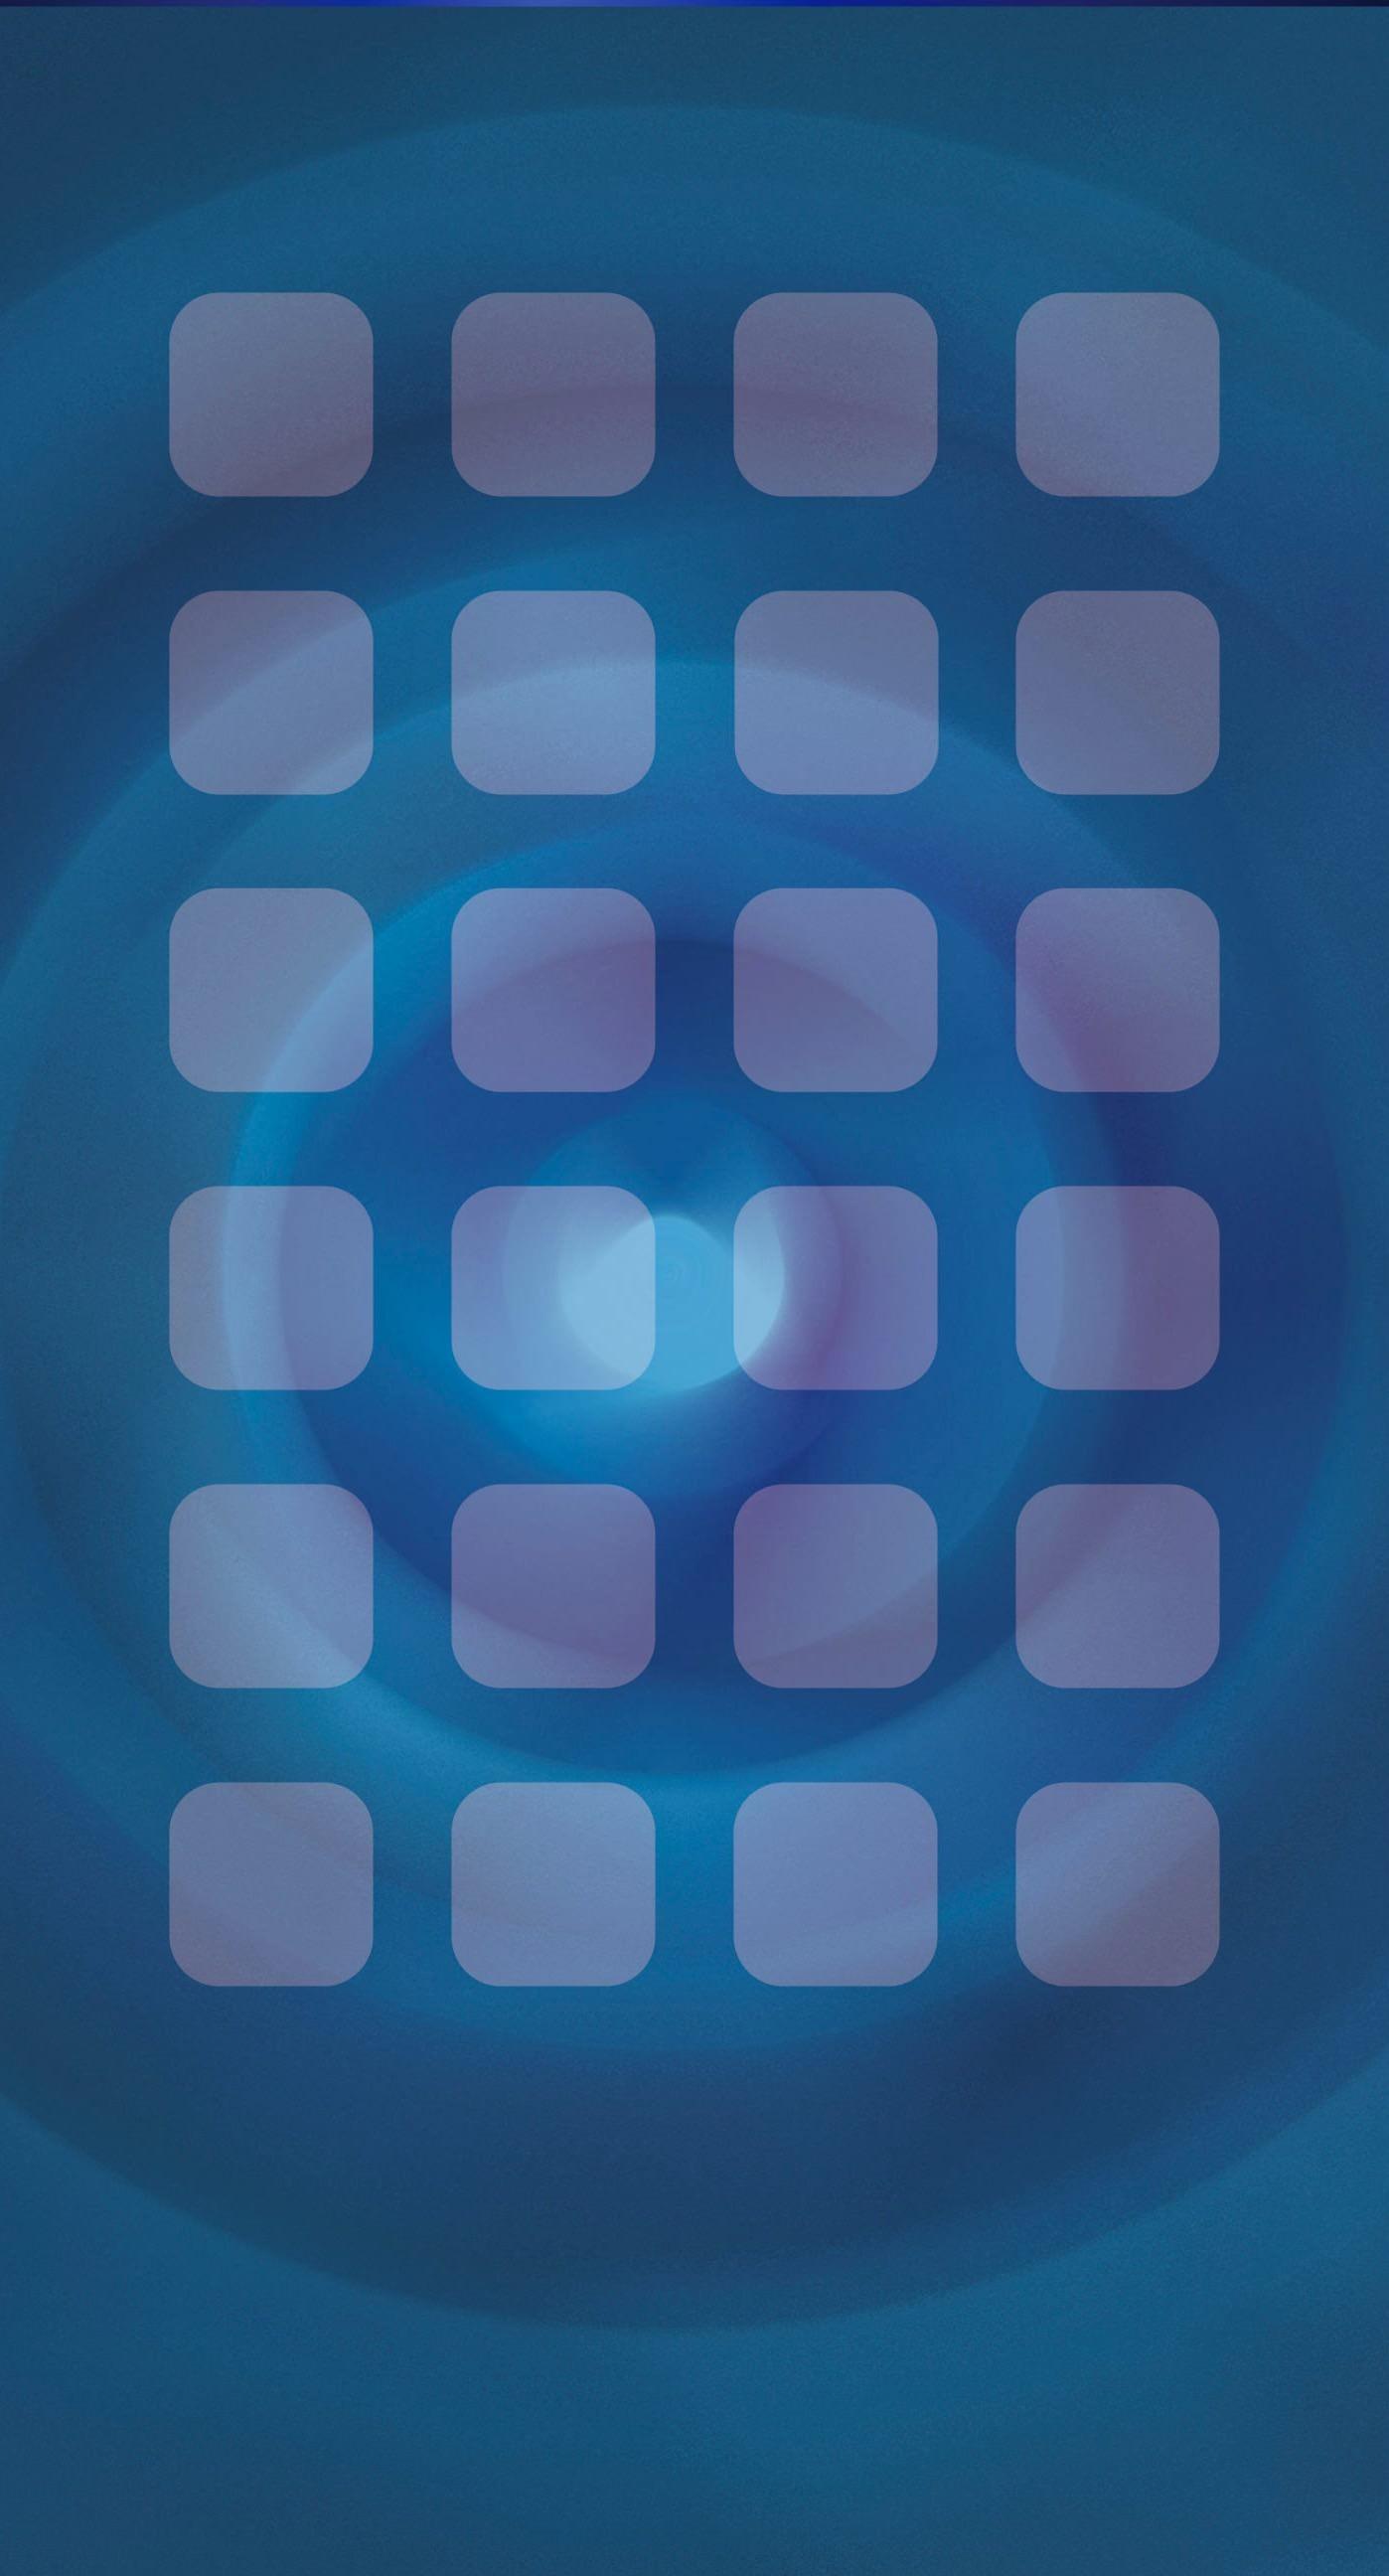 Shelf cool blue swirl pattern iPhone7 Plus Wallpaper